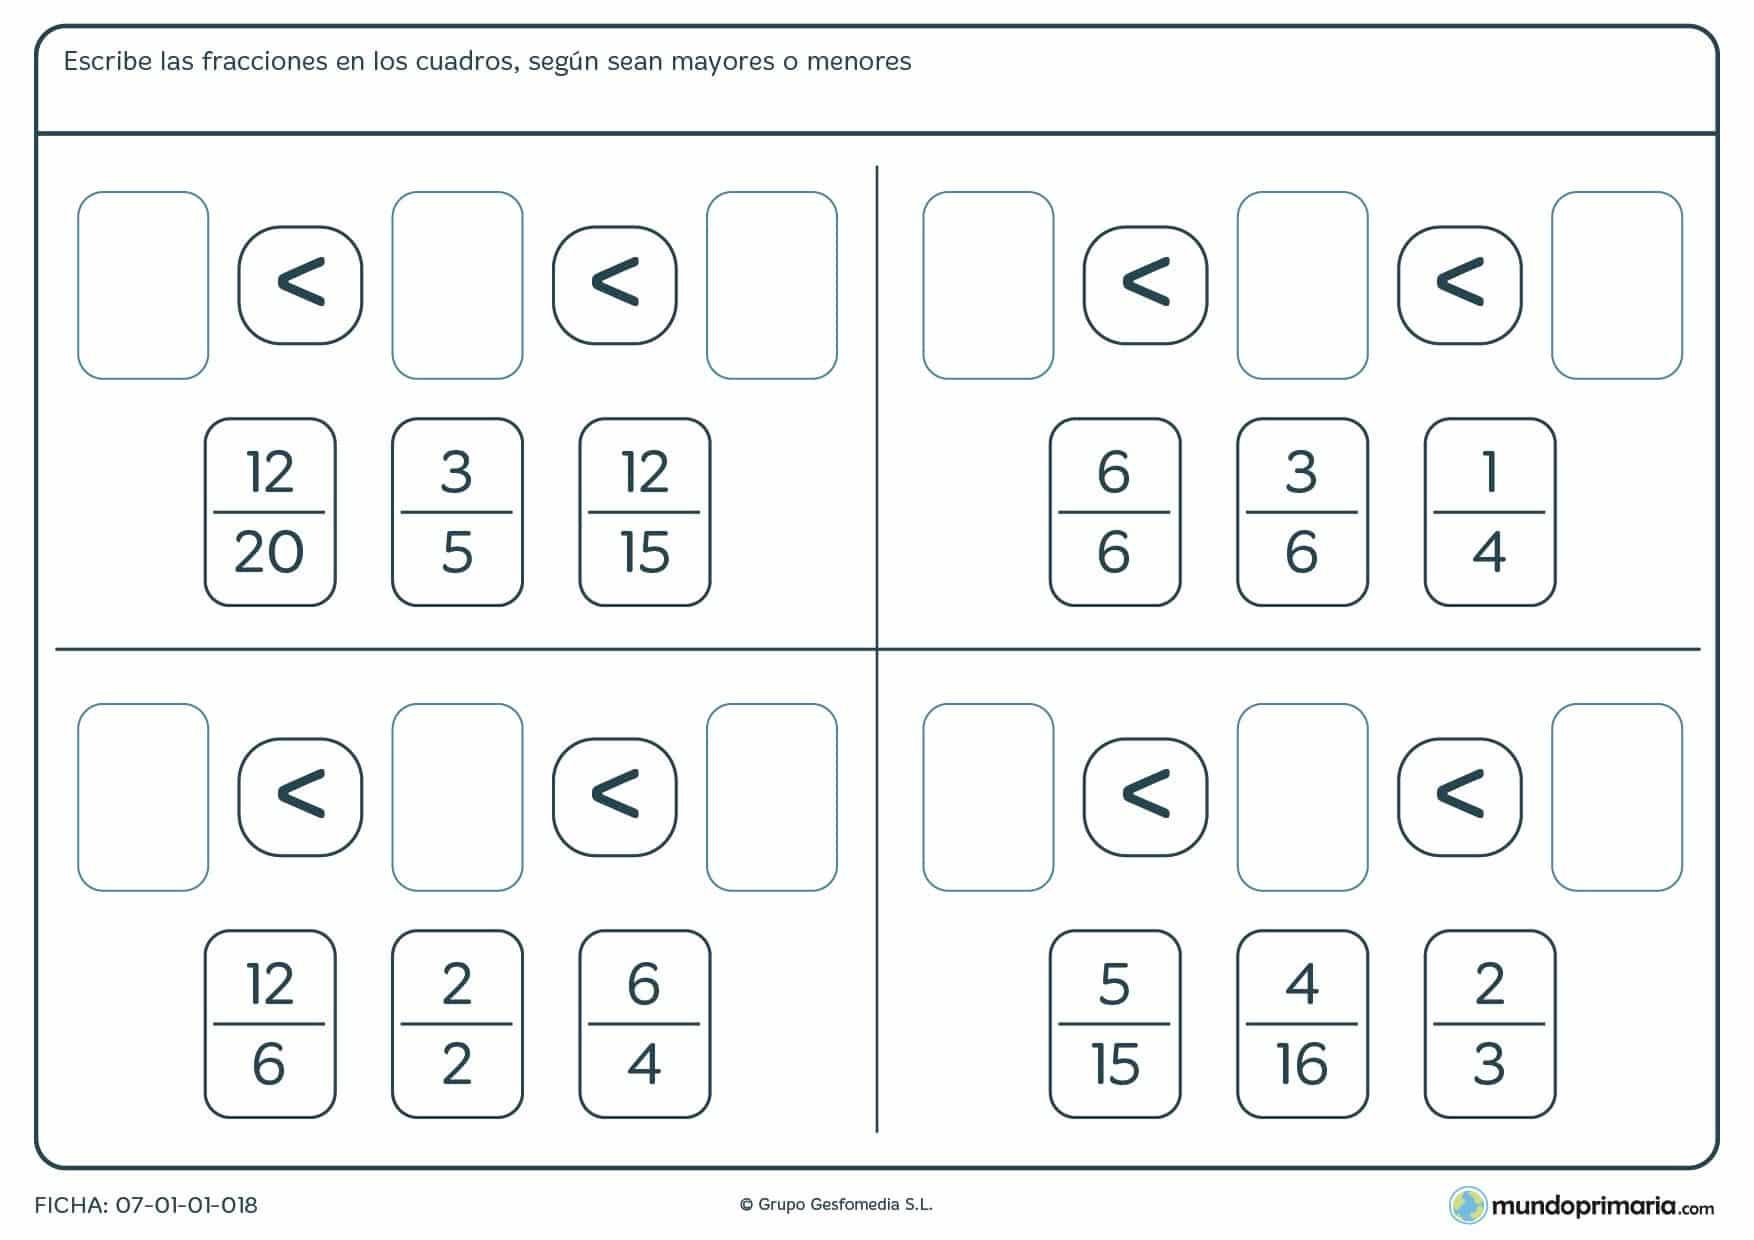 Ficha de ordena fracciones de menor a mayor rellenando los huecos en blanco.